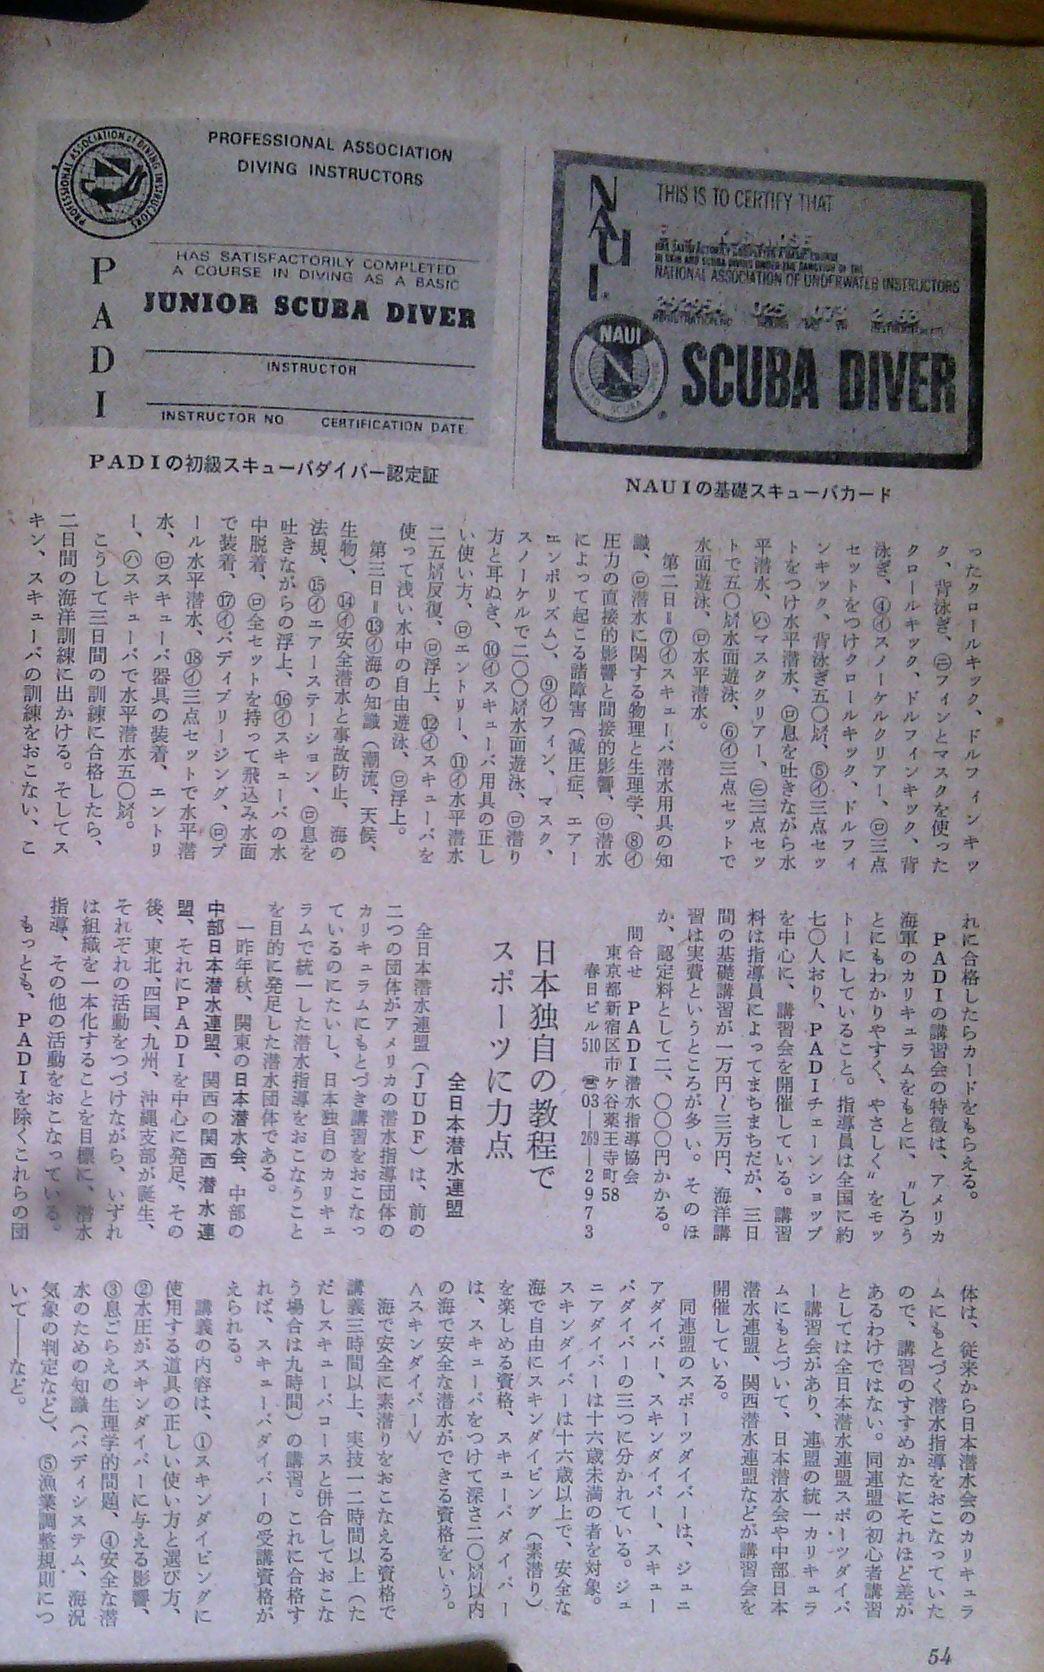 0513 ダイビングの歴史 70 海の世界 1974年 5月_b0075059_13211095.jpg